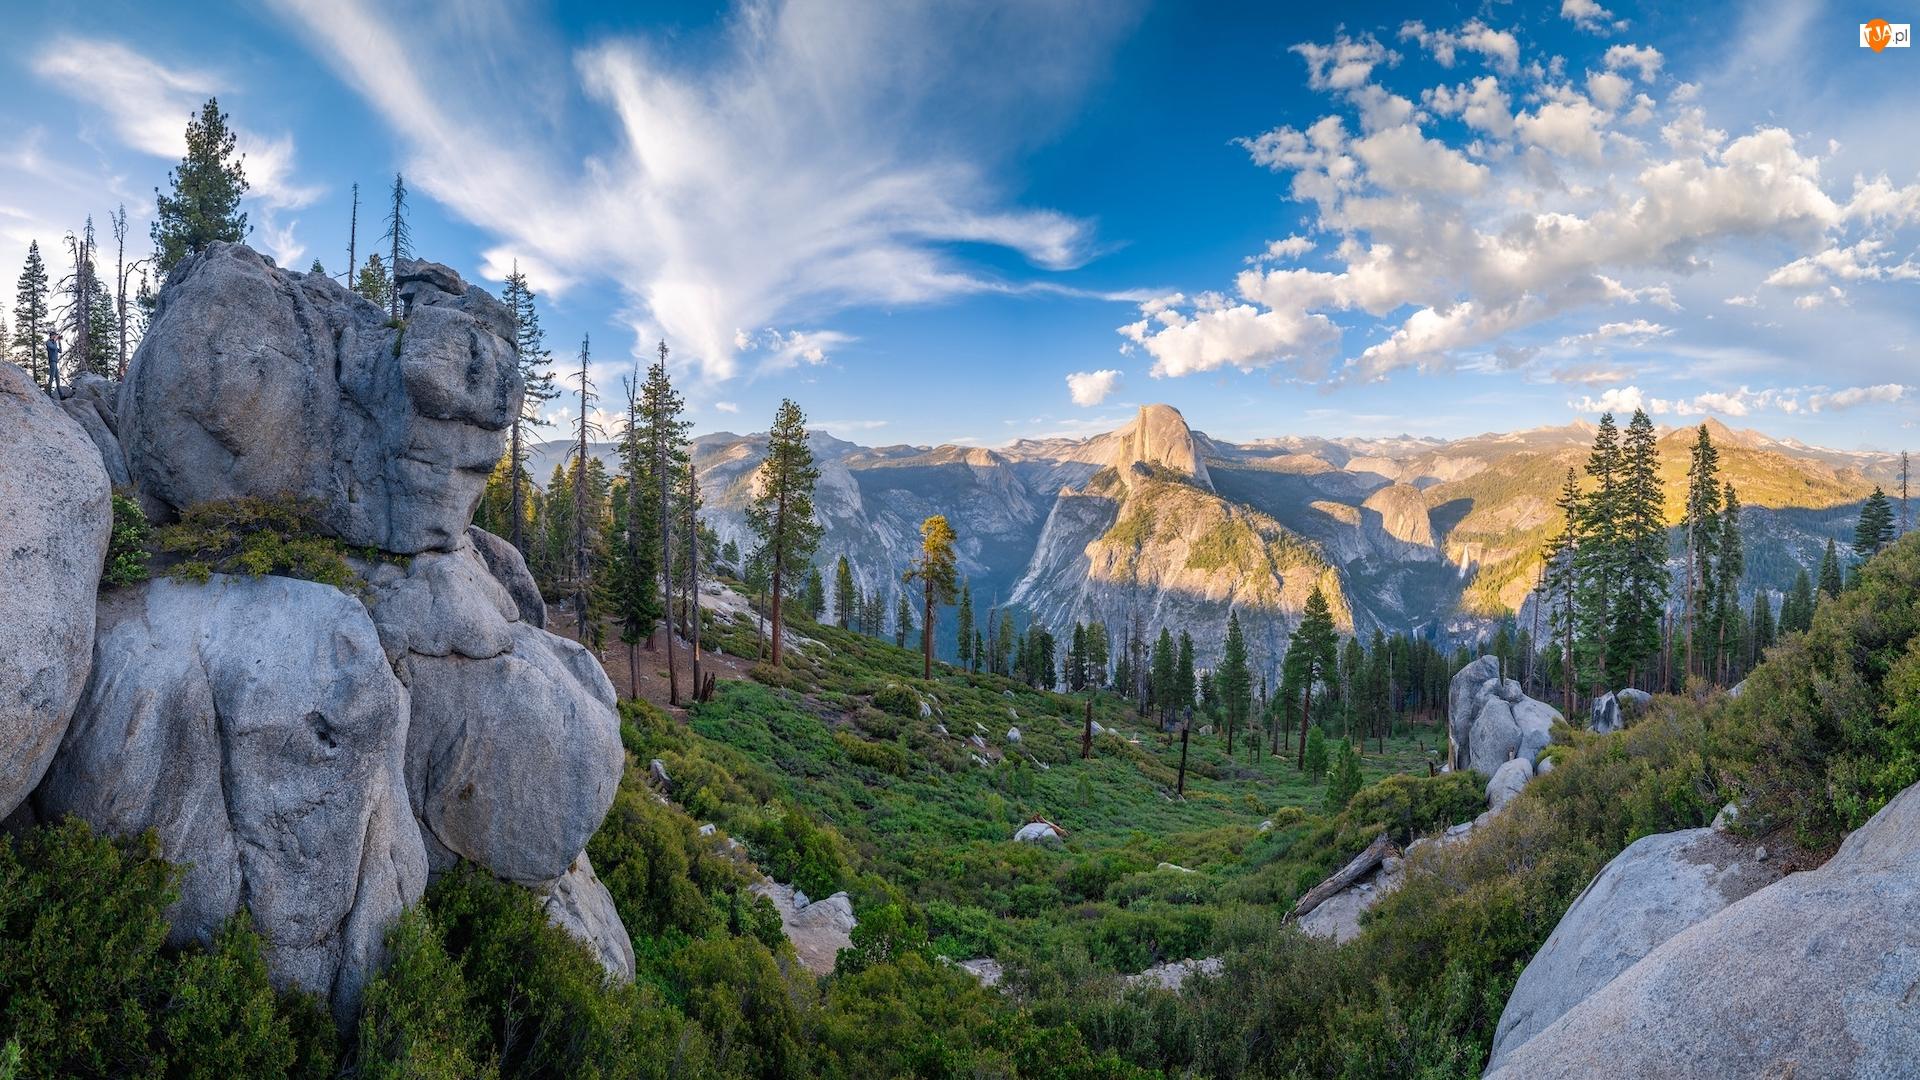 Yosemite Valley, Sierra Nevada, Park Narodowy Yosemite, Drzewa, Glacier Point, Kalifornia, Góry, Punkt widokowy, Skały, Dolina, Stany Zjednoczone